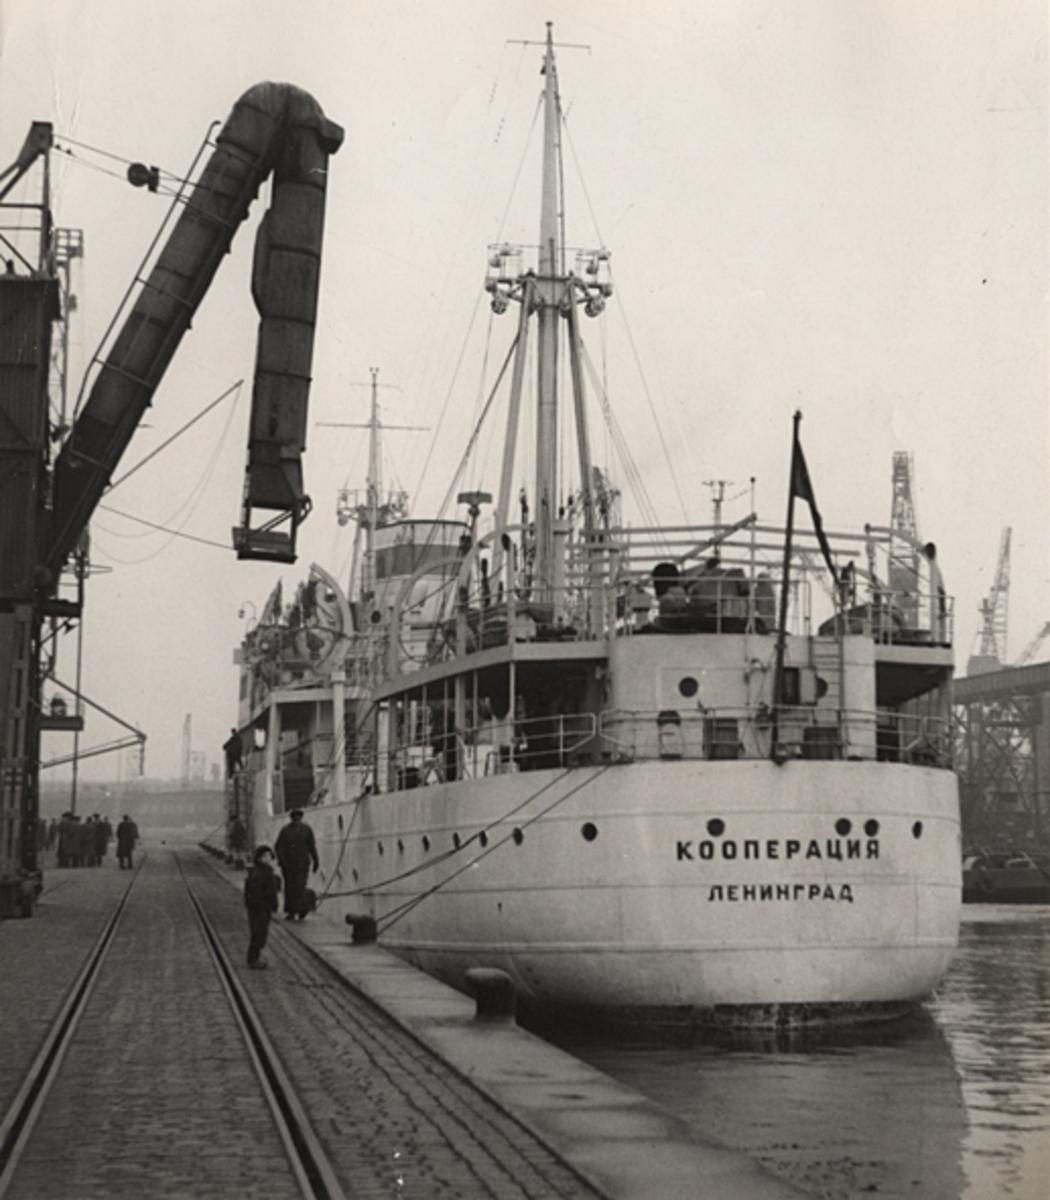 Det ryska lastångfartyget COOPERATZIA i Malmö hamn 1953.